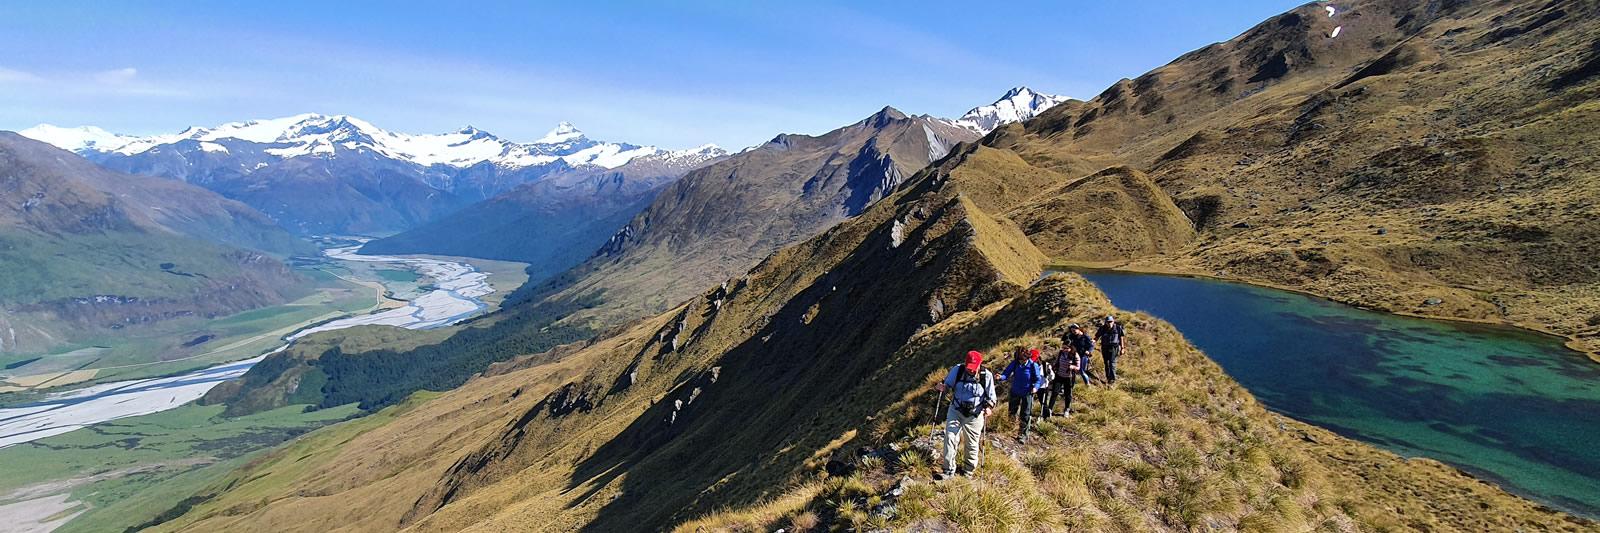 Wanaka Heli Hike | Alpine Lakes